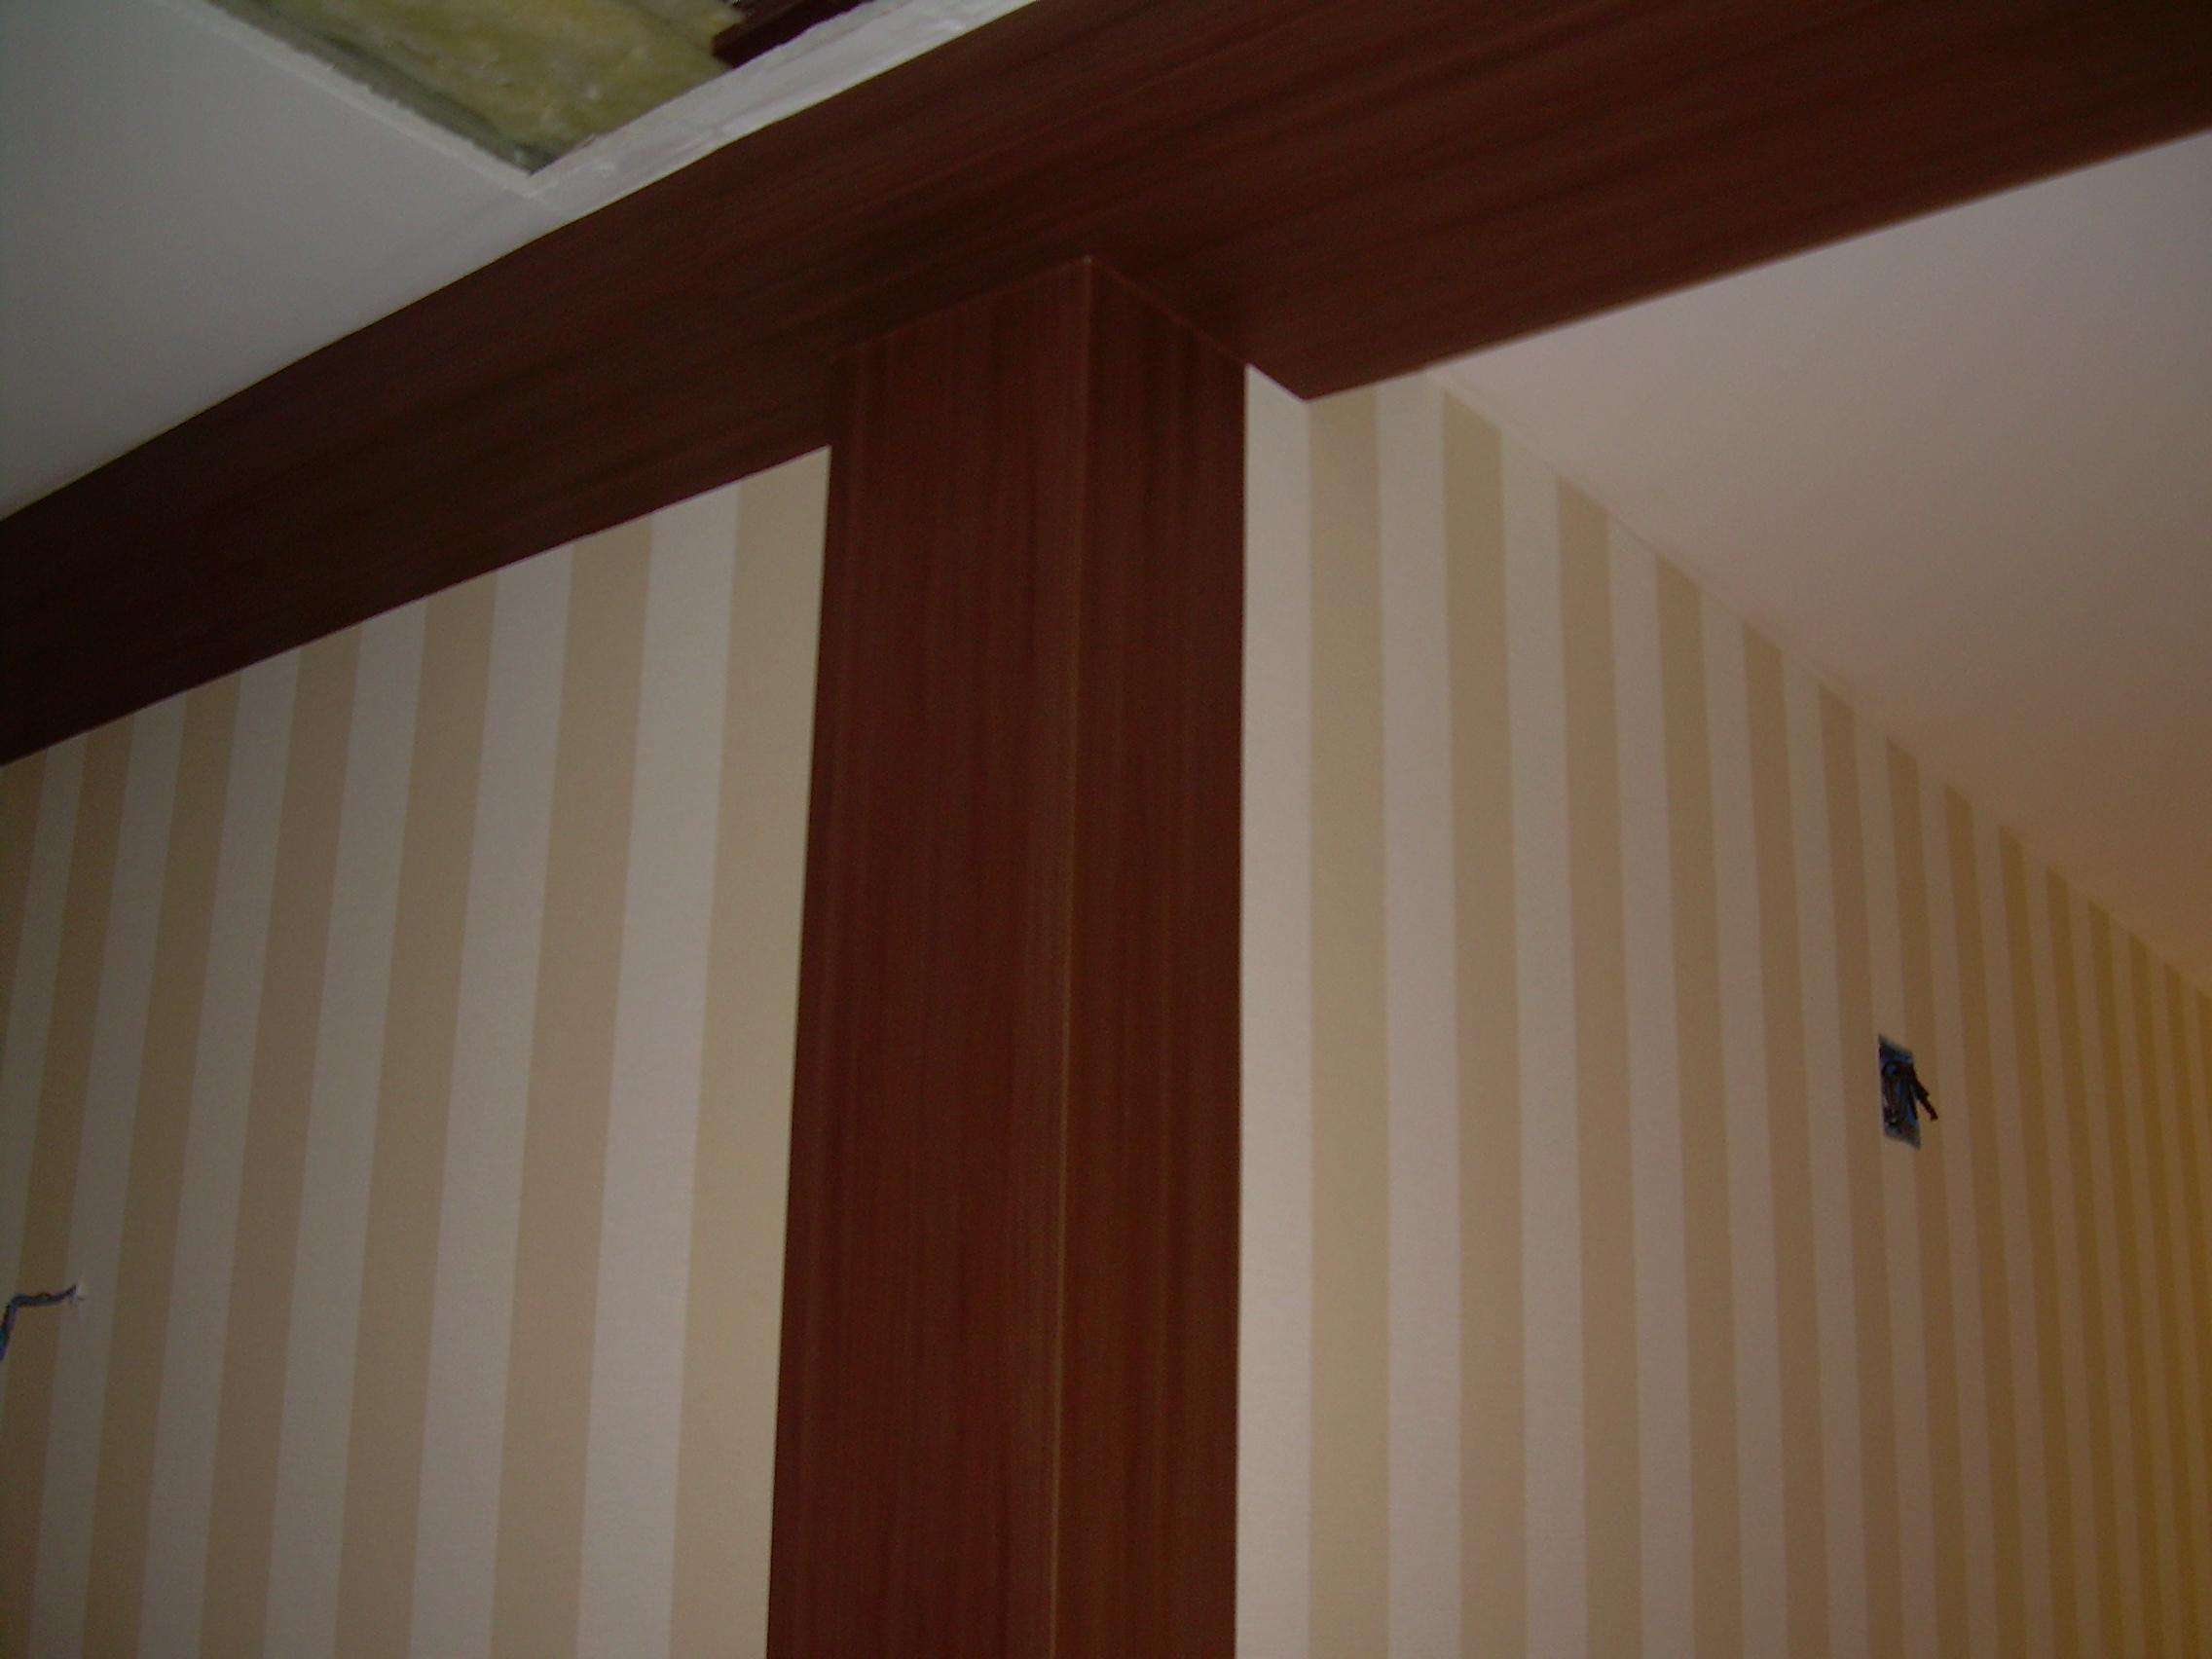 Lucrari de amenajare interioare cu tapet  - Poza 47